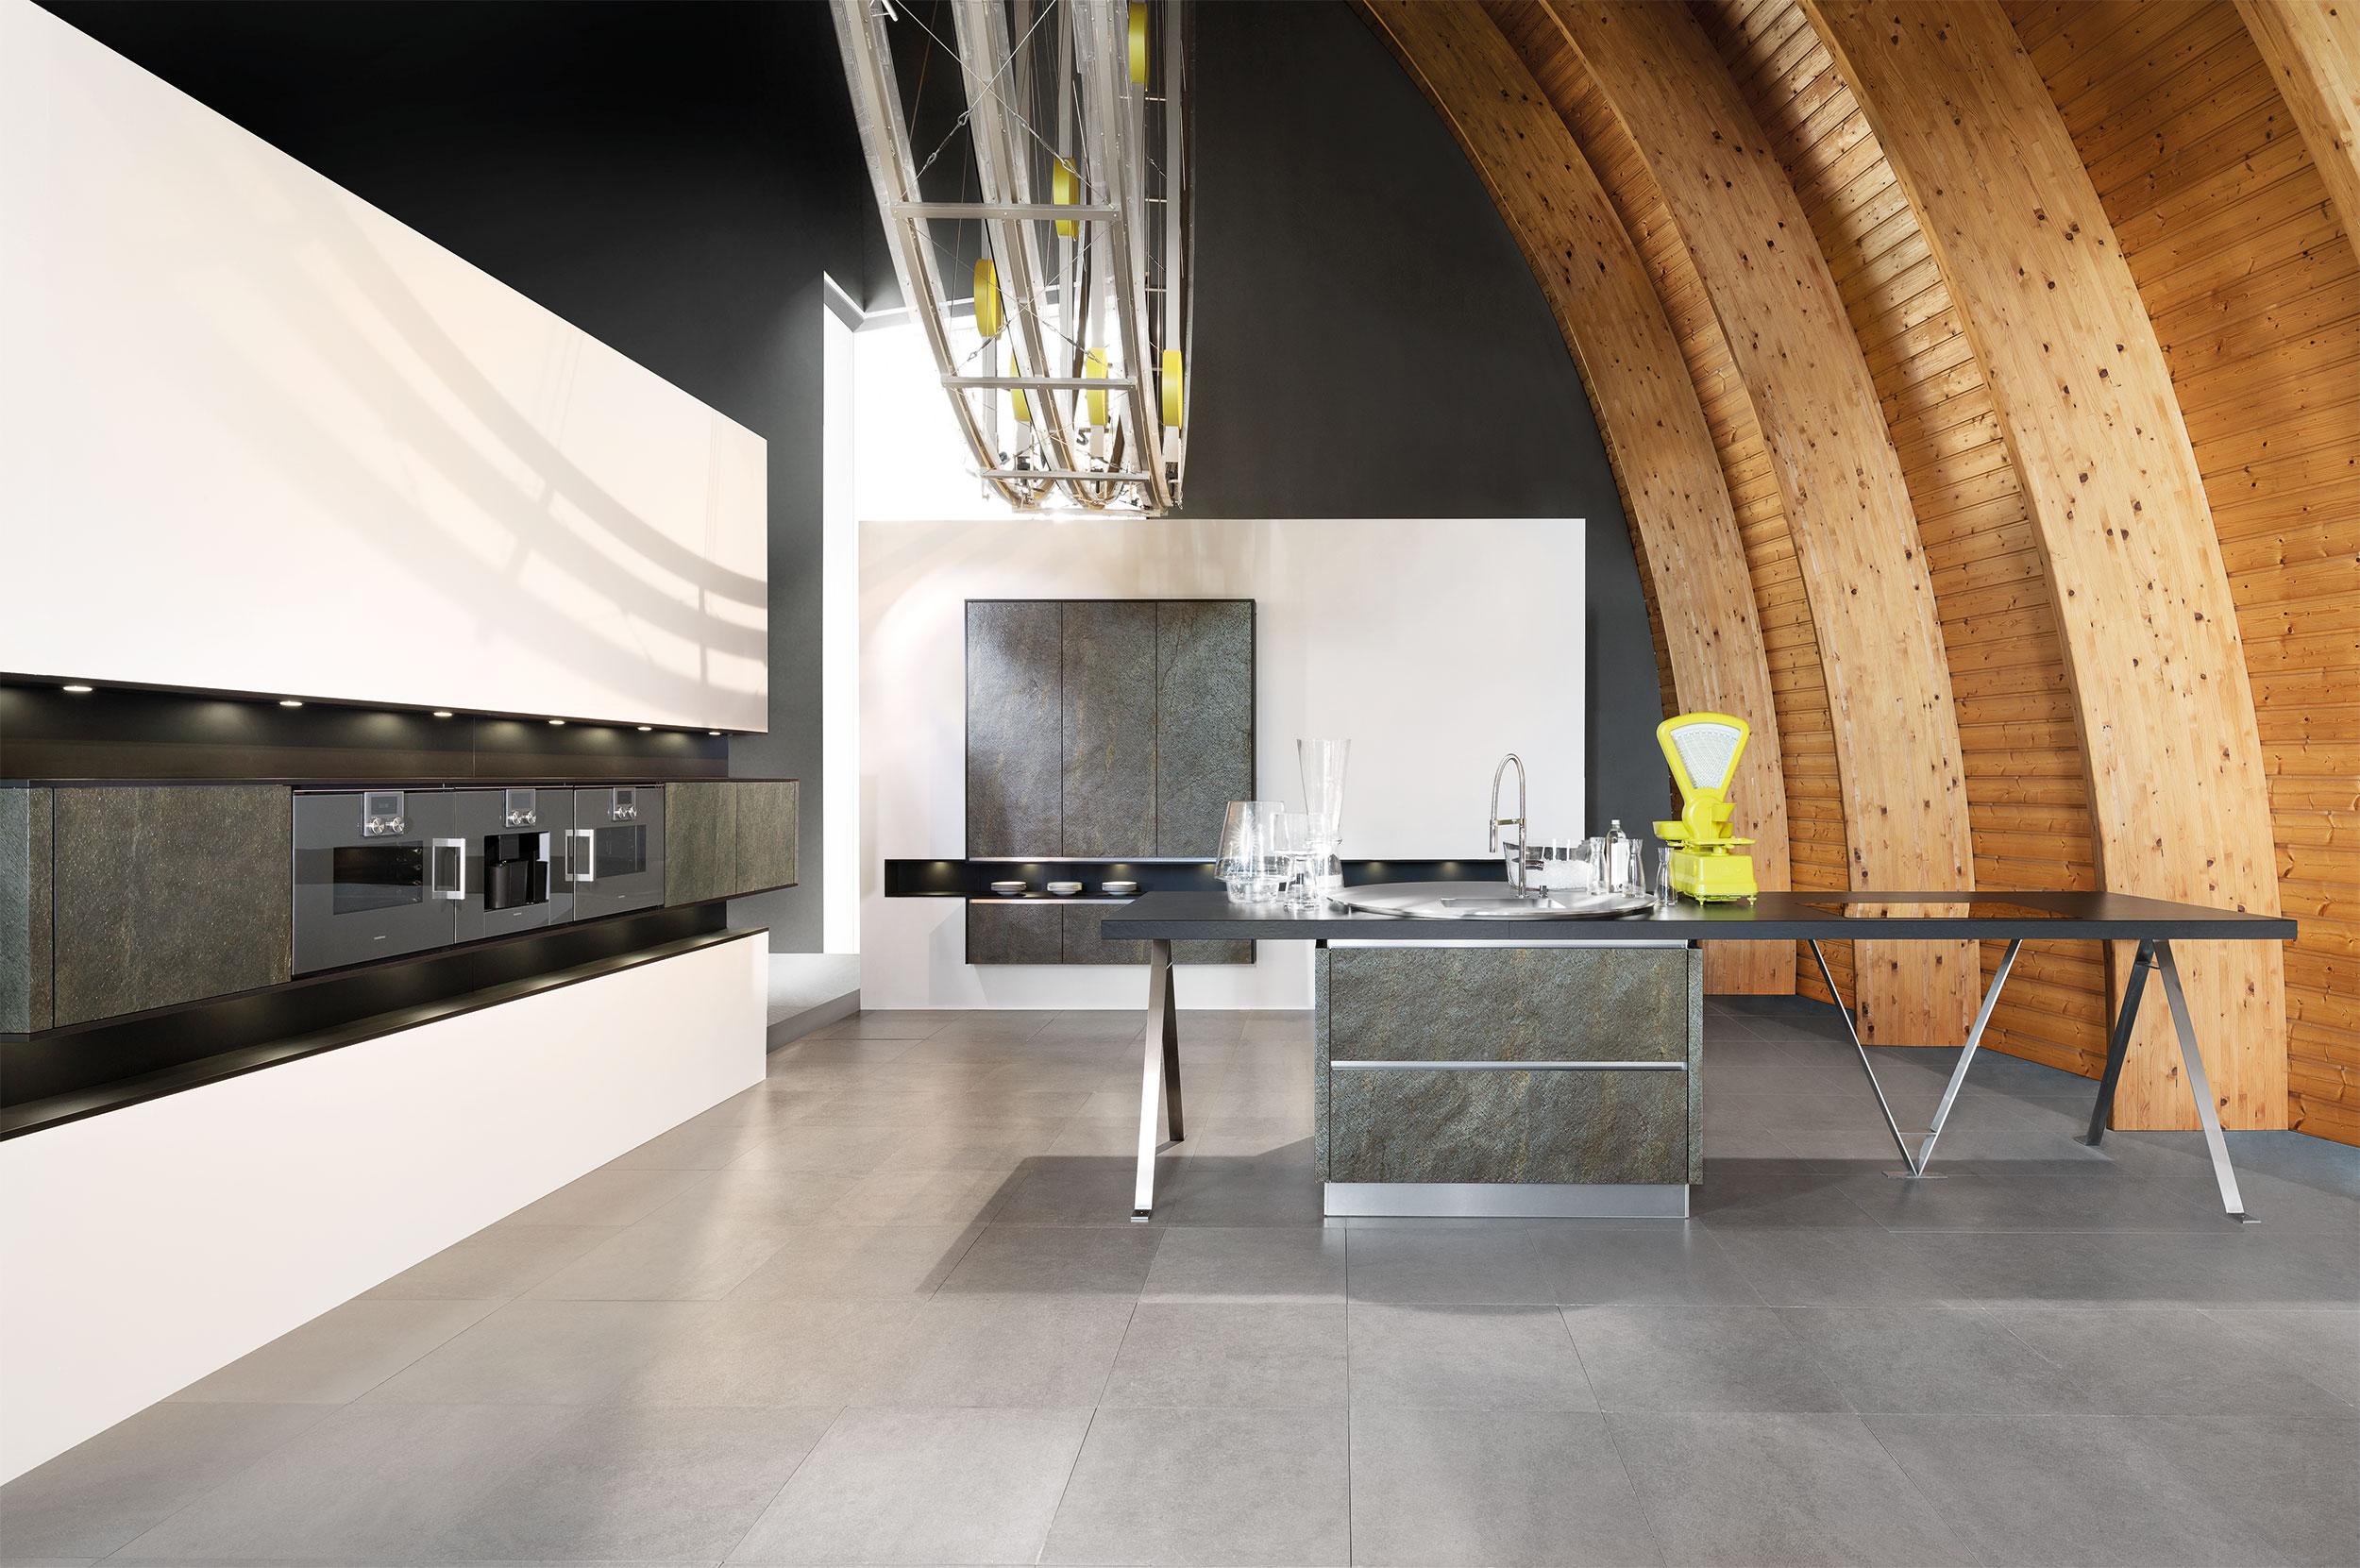 Küche direkt GmbH's featured image